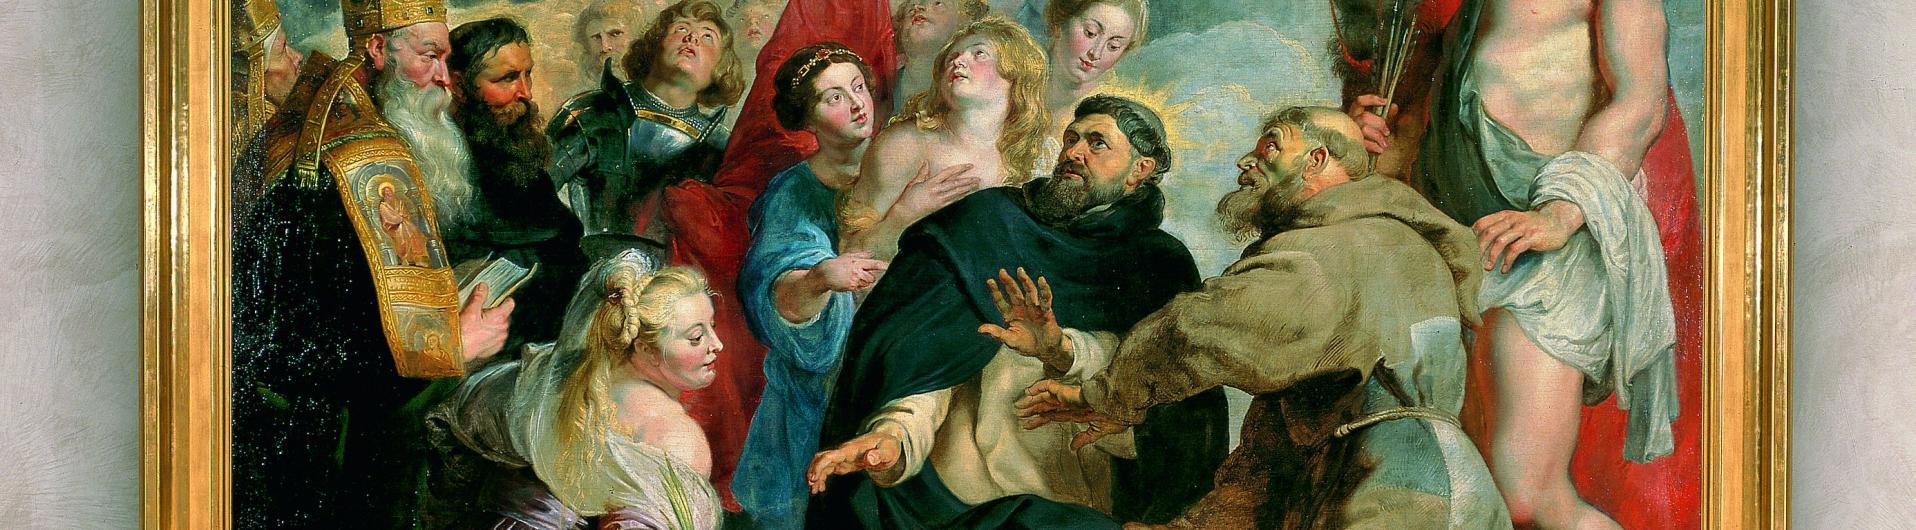 Passerelle Visite-conférence : La morale, l'éthique et le sacré